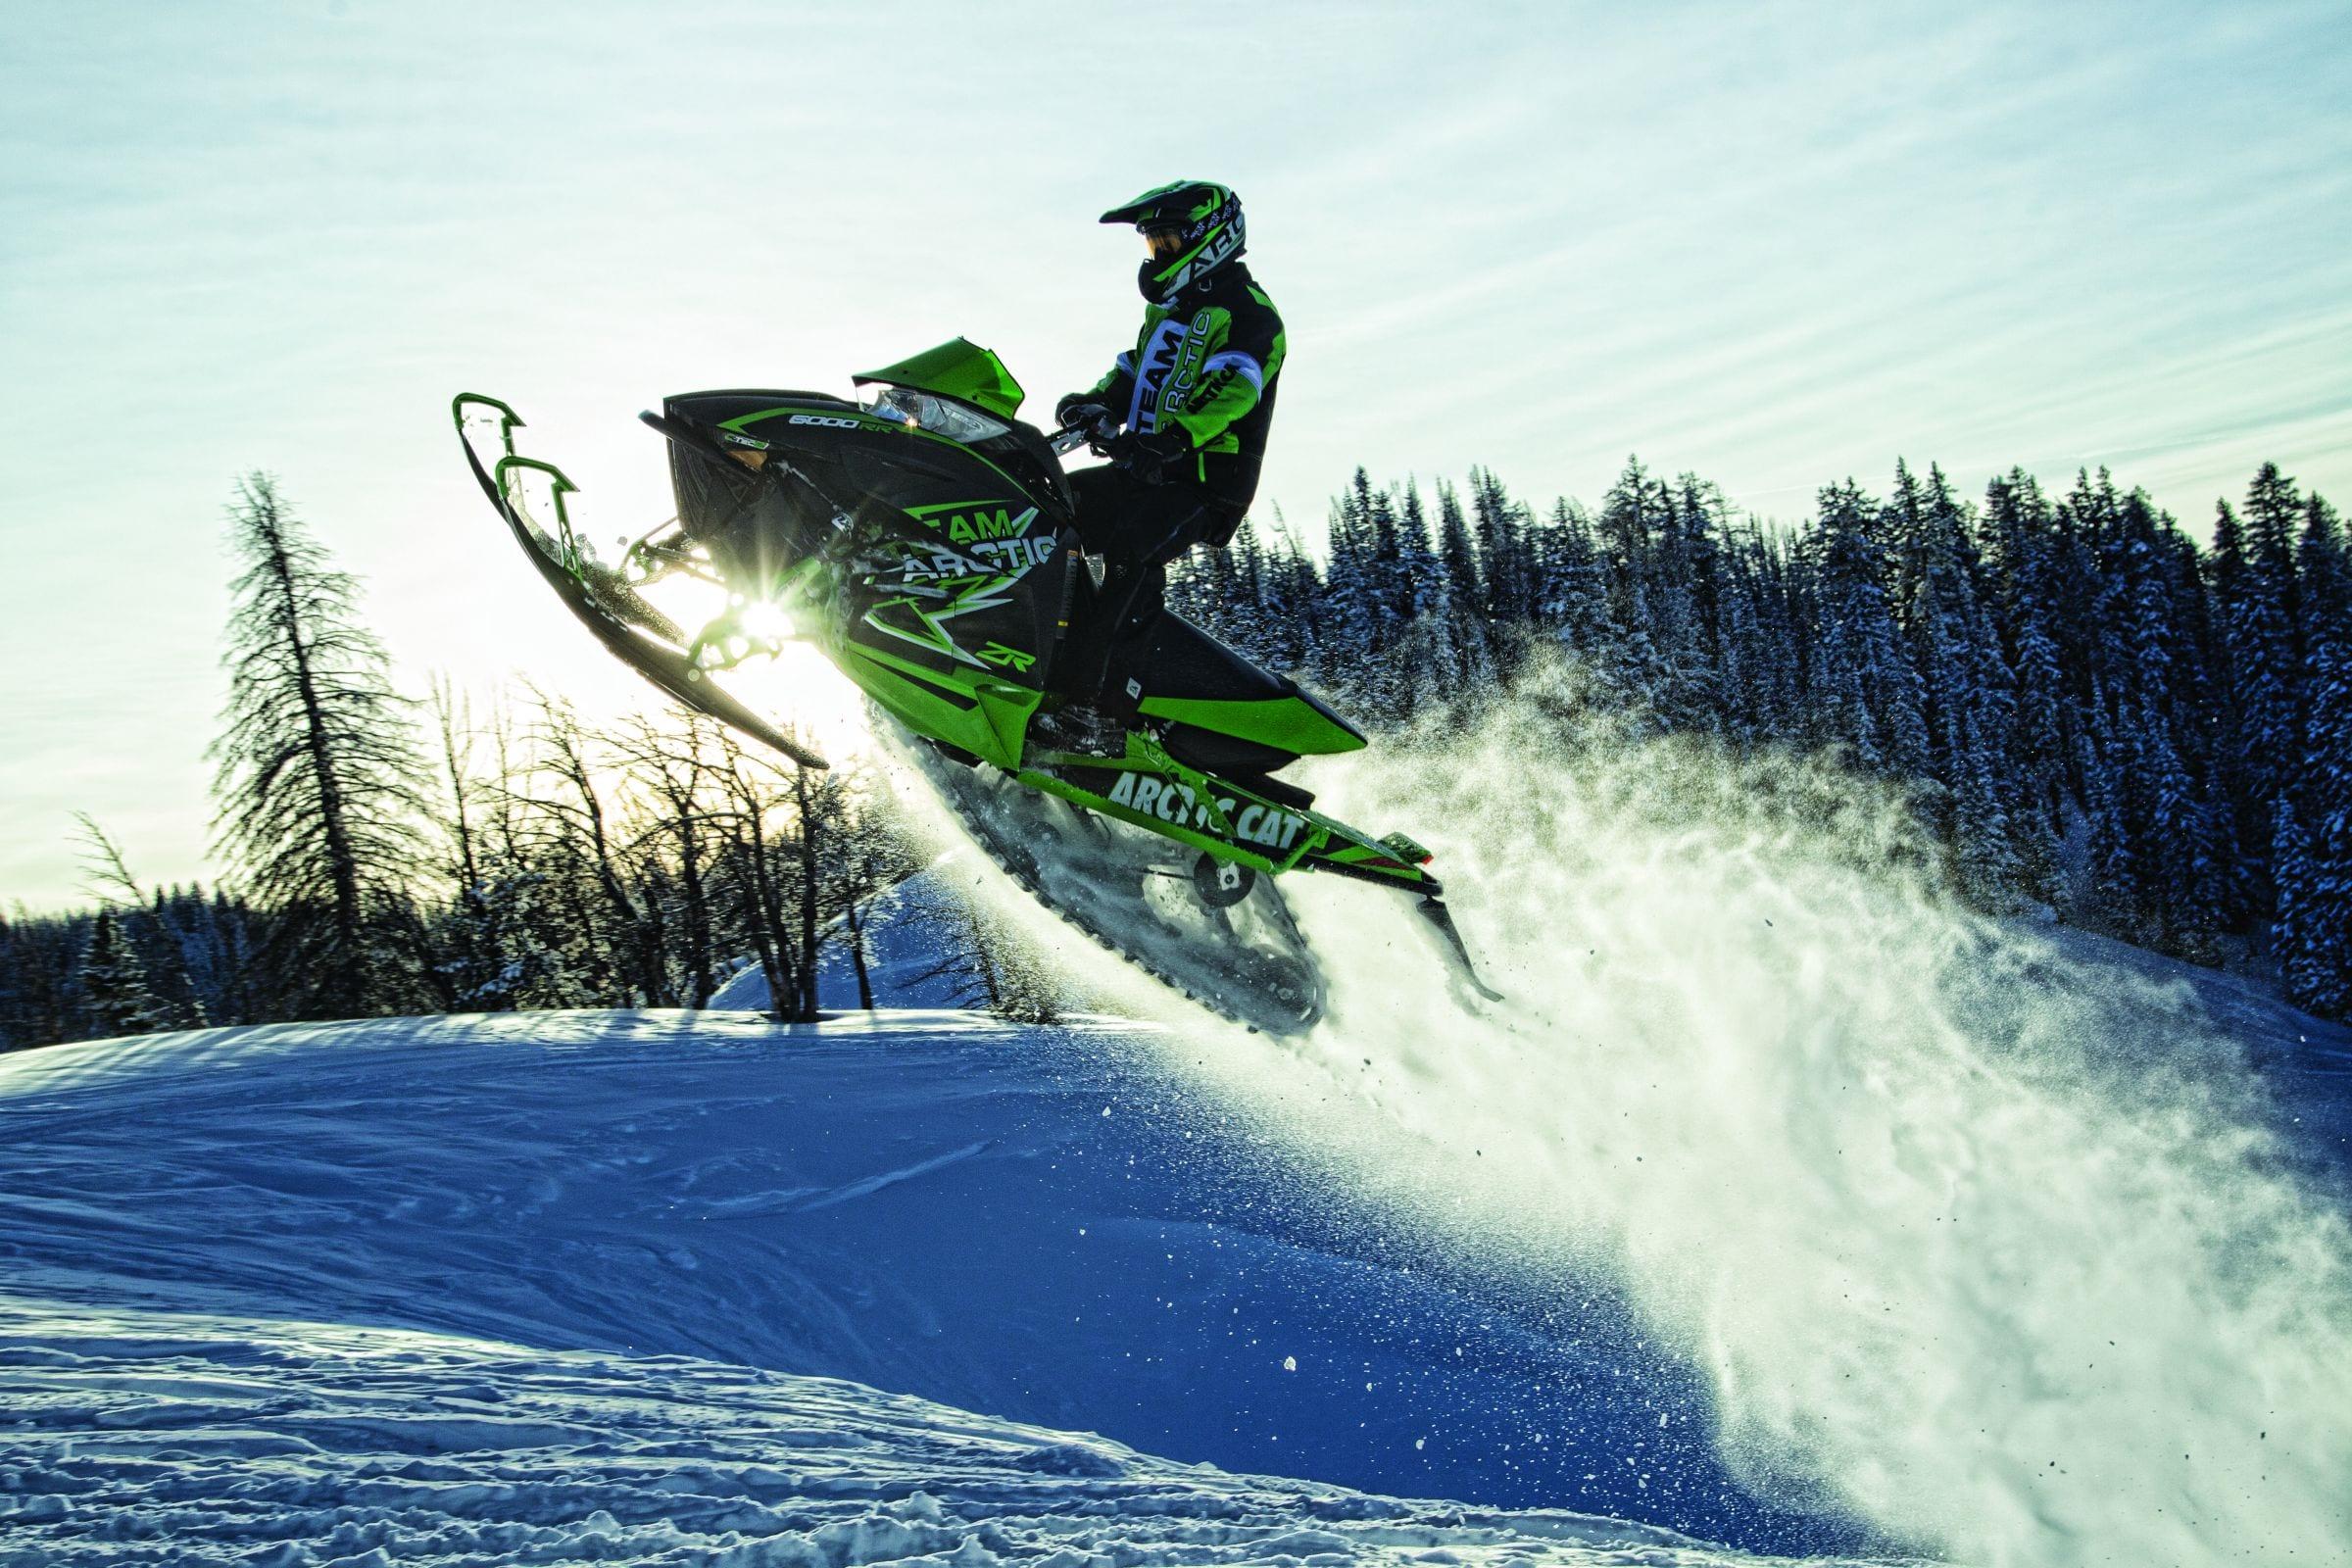 снегоход картинки спорт сказал сам себе